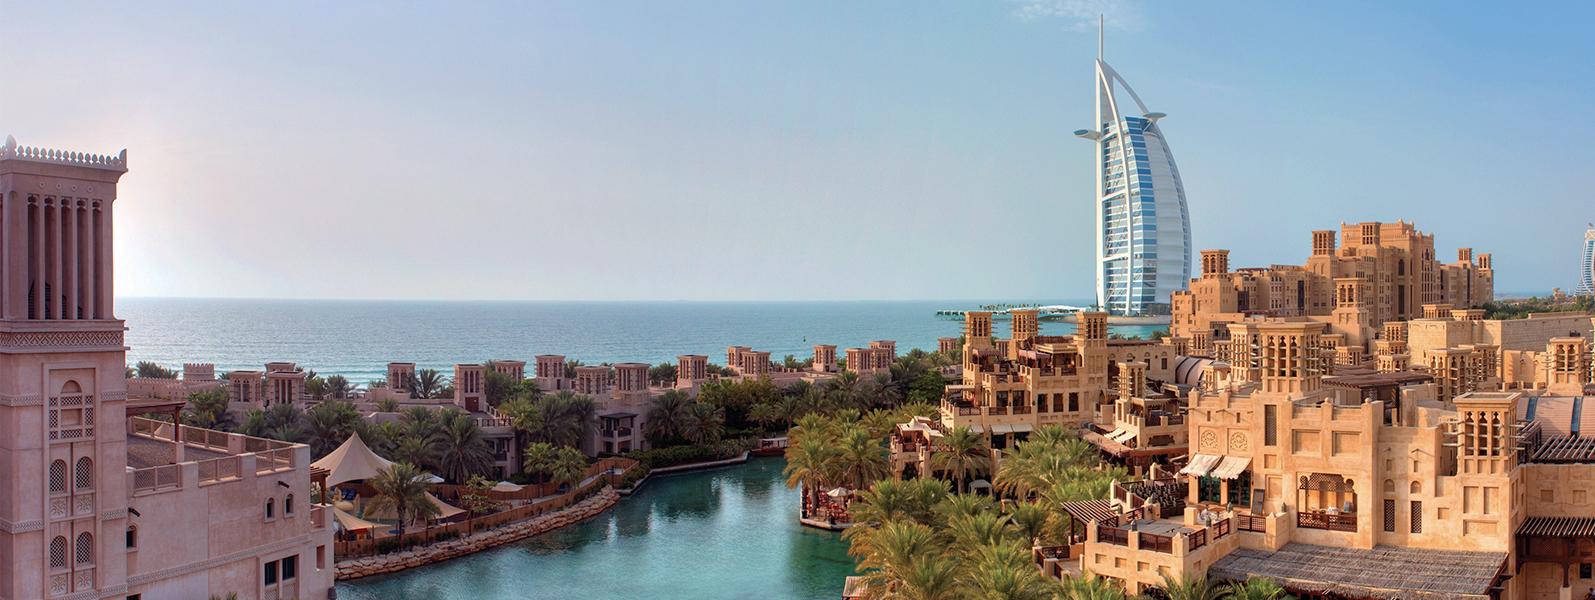 دبي للتجزئة هي الشركة المسؤولة عن إدارة قطاع التجزئة في مجموعة دبي القابضة